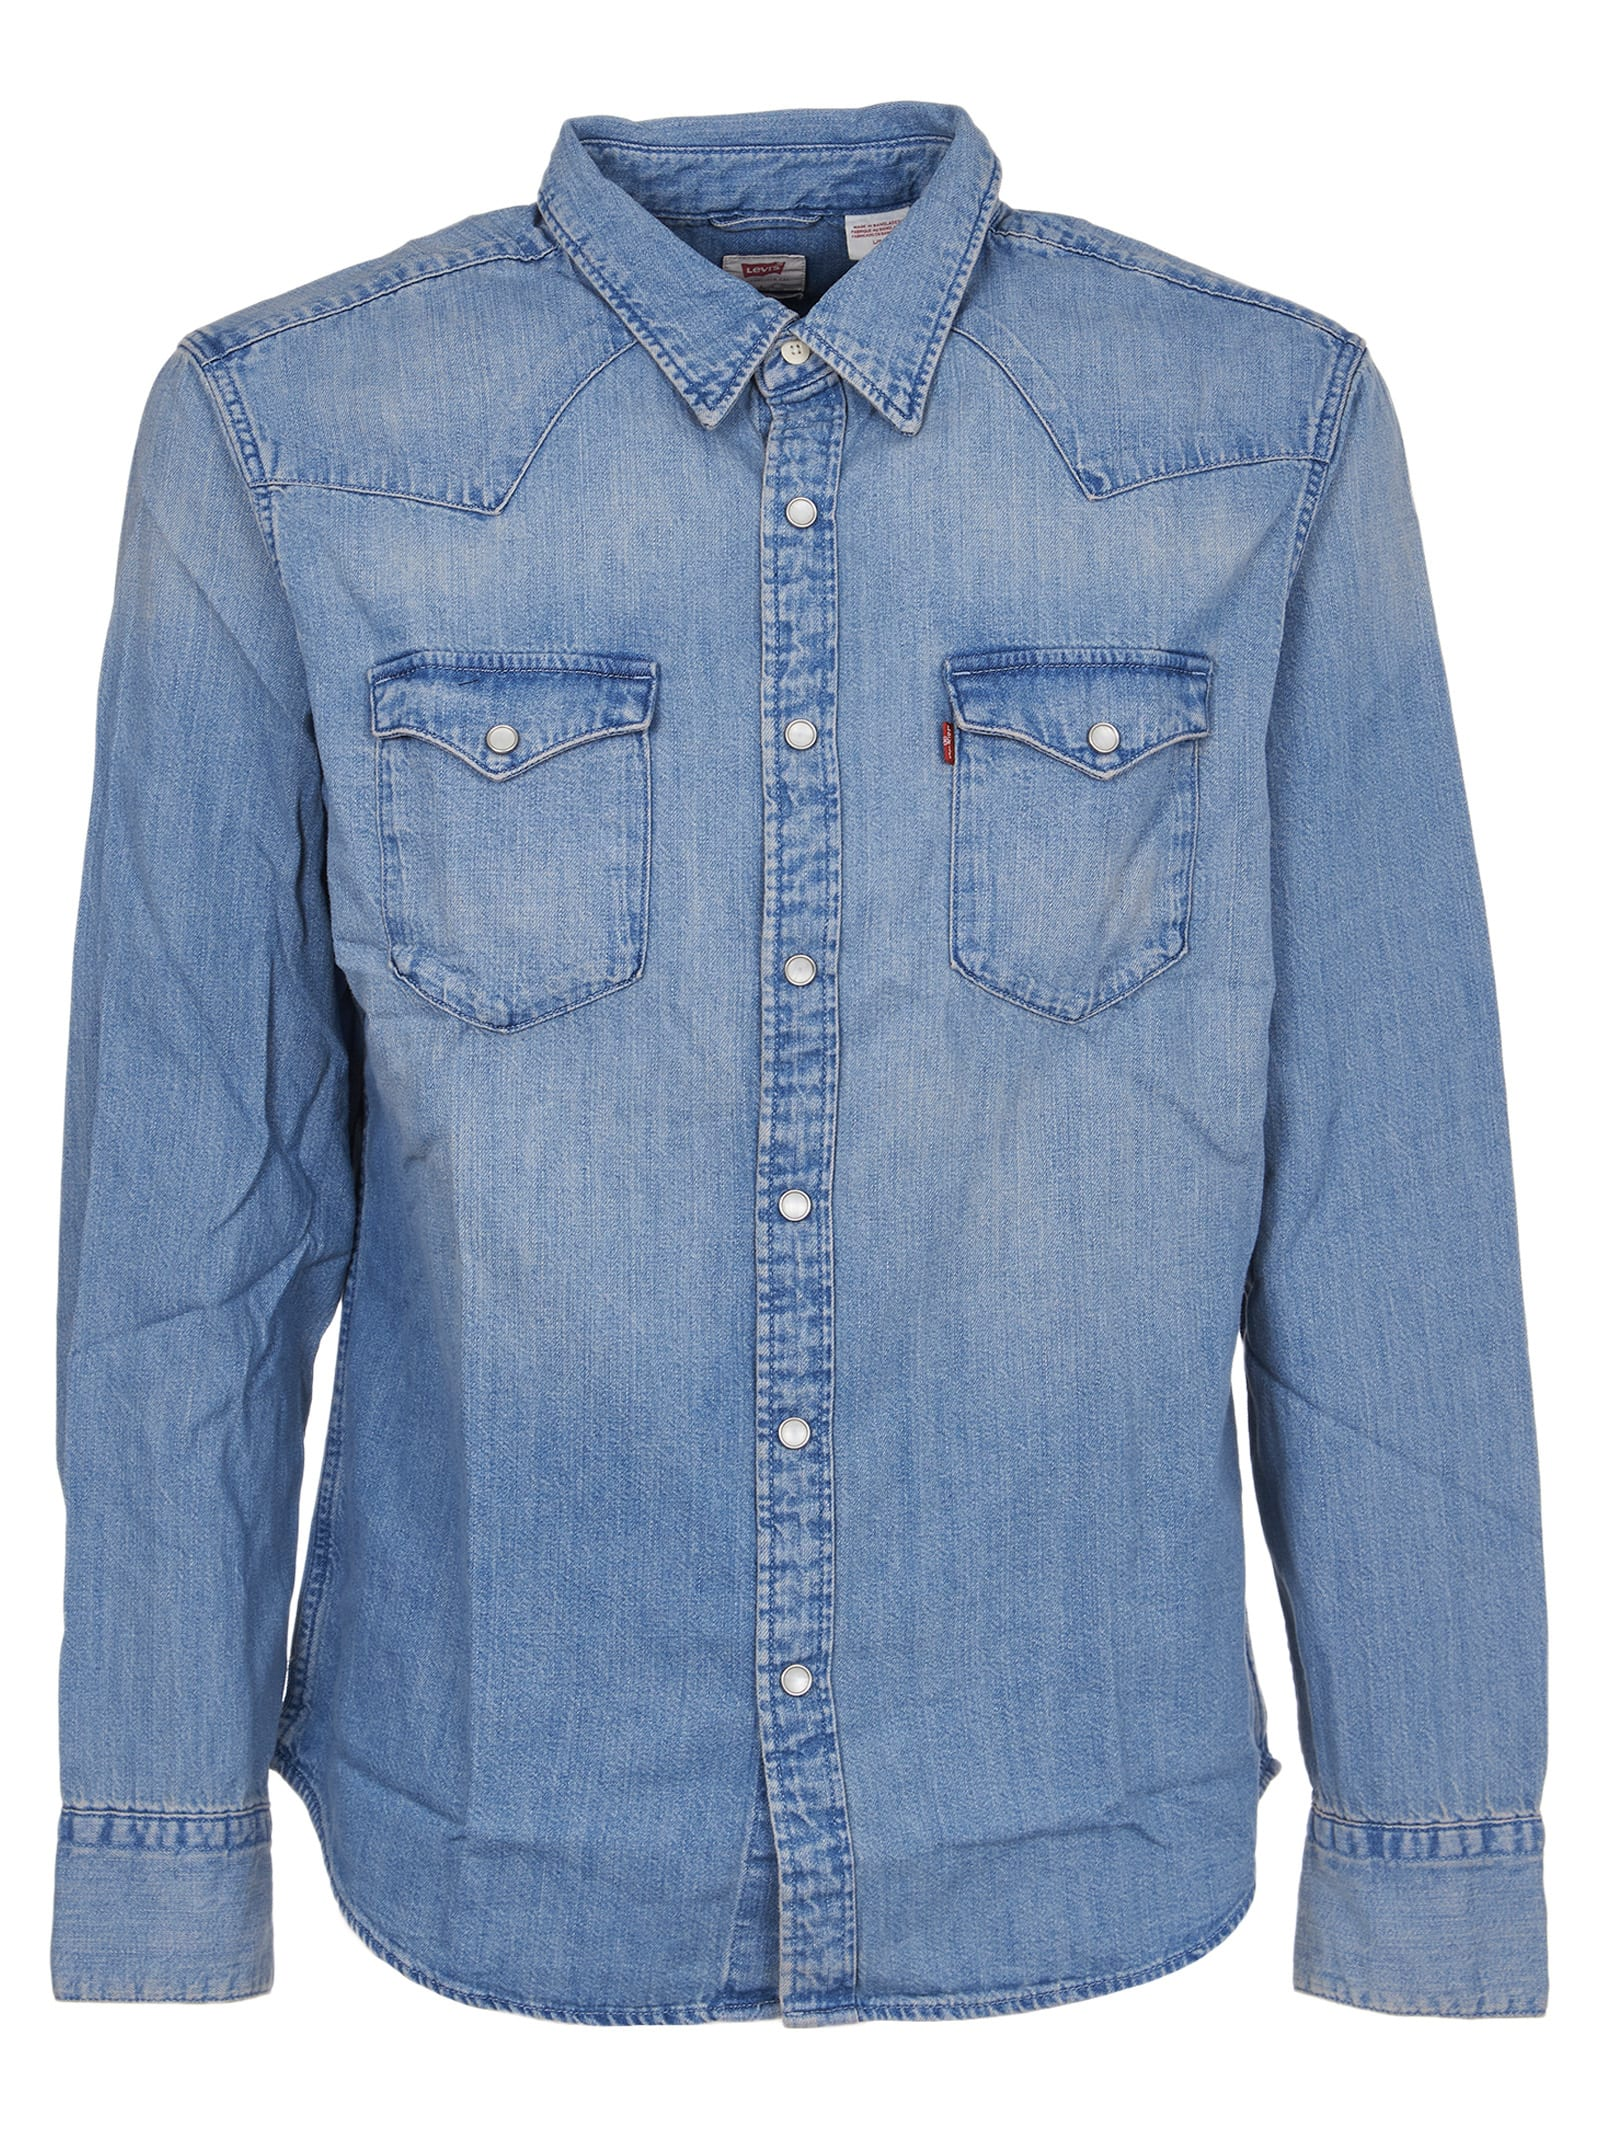 Levis Light Blue Barstow Western Shirt